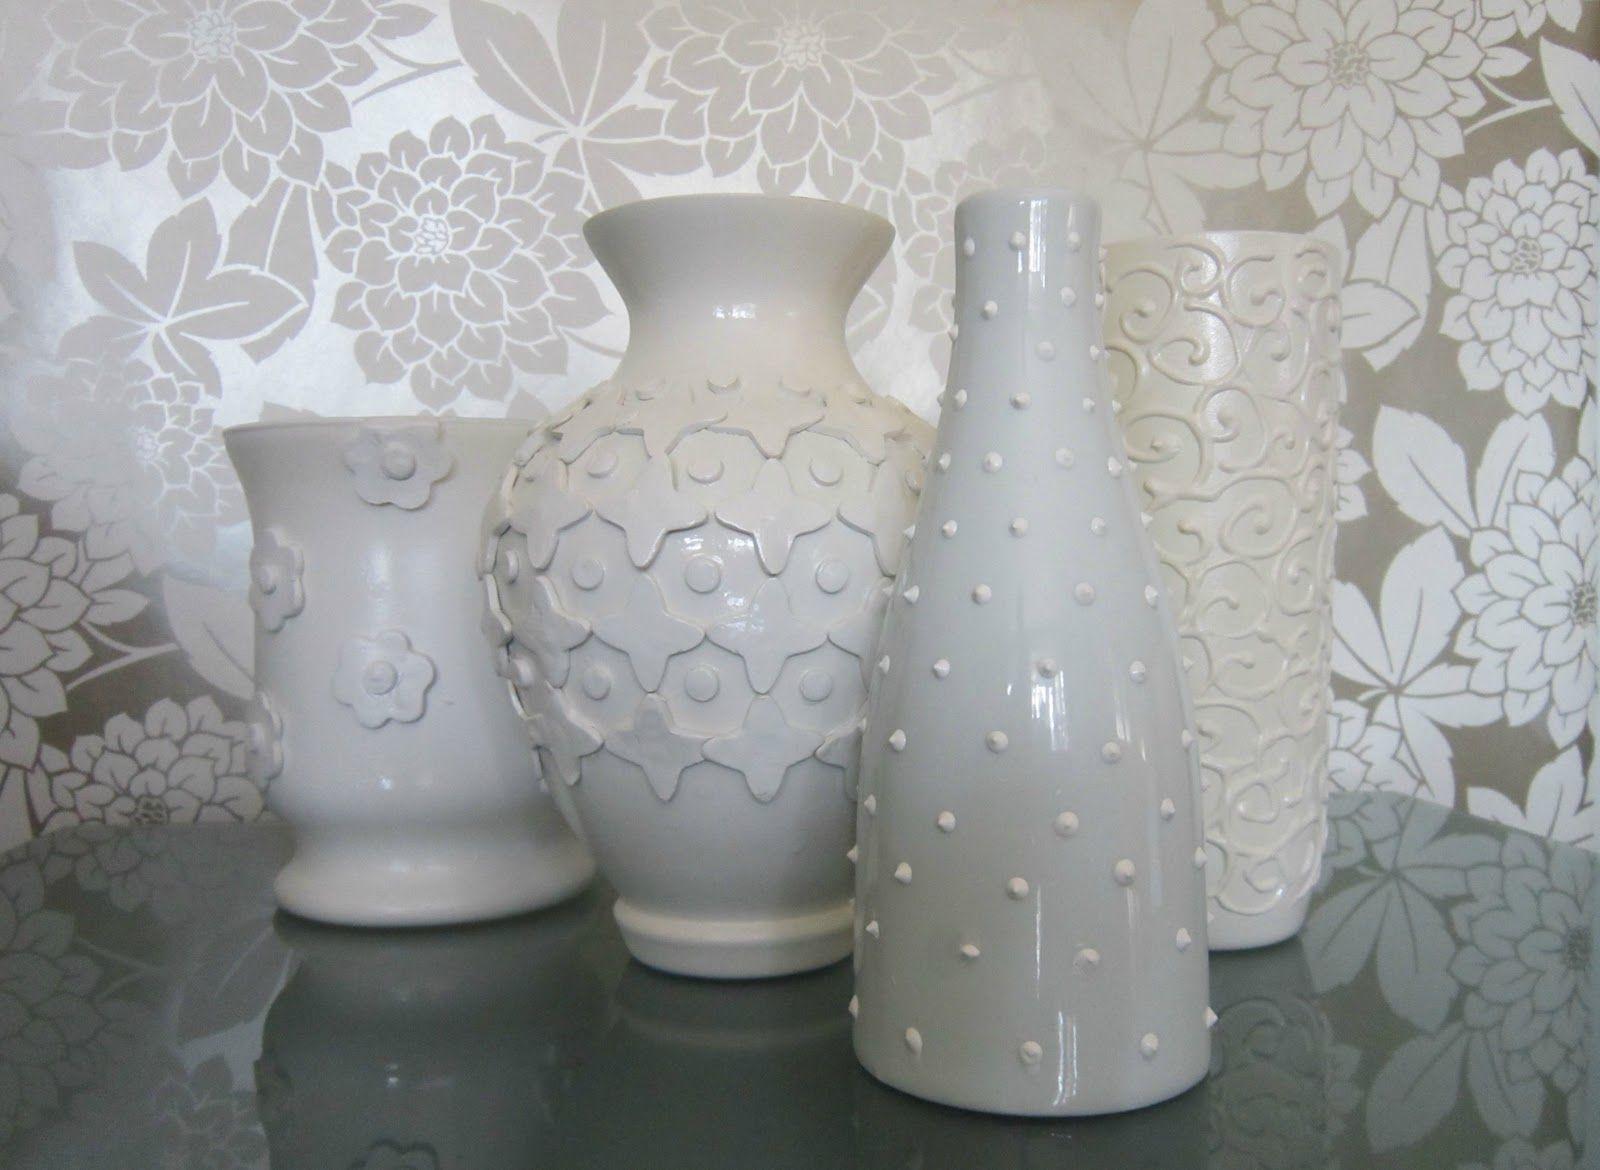 Design megillah jonathan adler inspired vases inexpensive vases design megillah jonathan adler inspired vases inexpensive vases air dry clay and white reviewsmspy